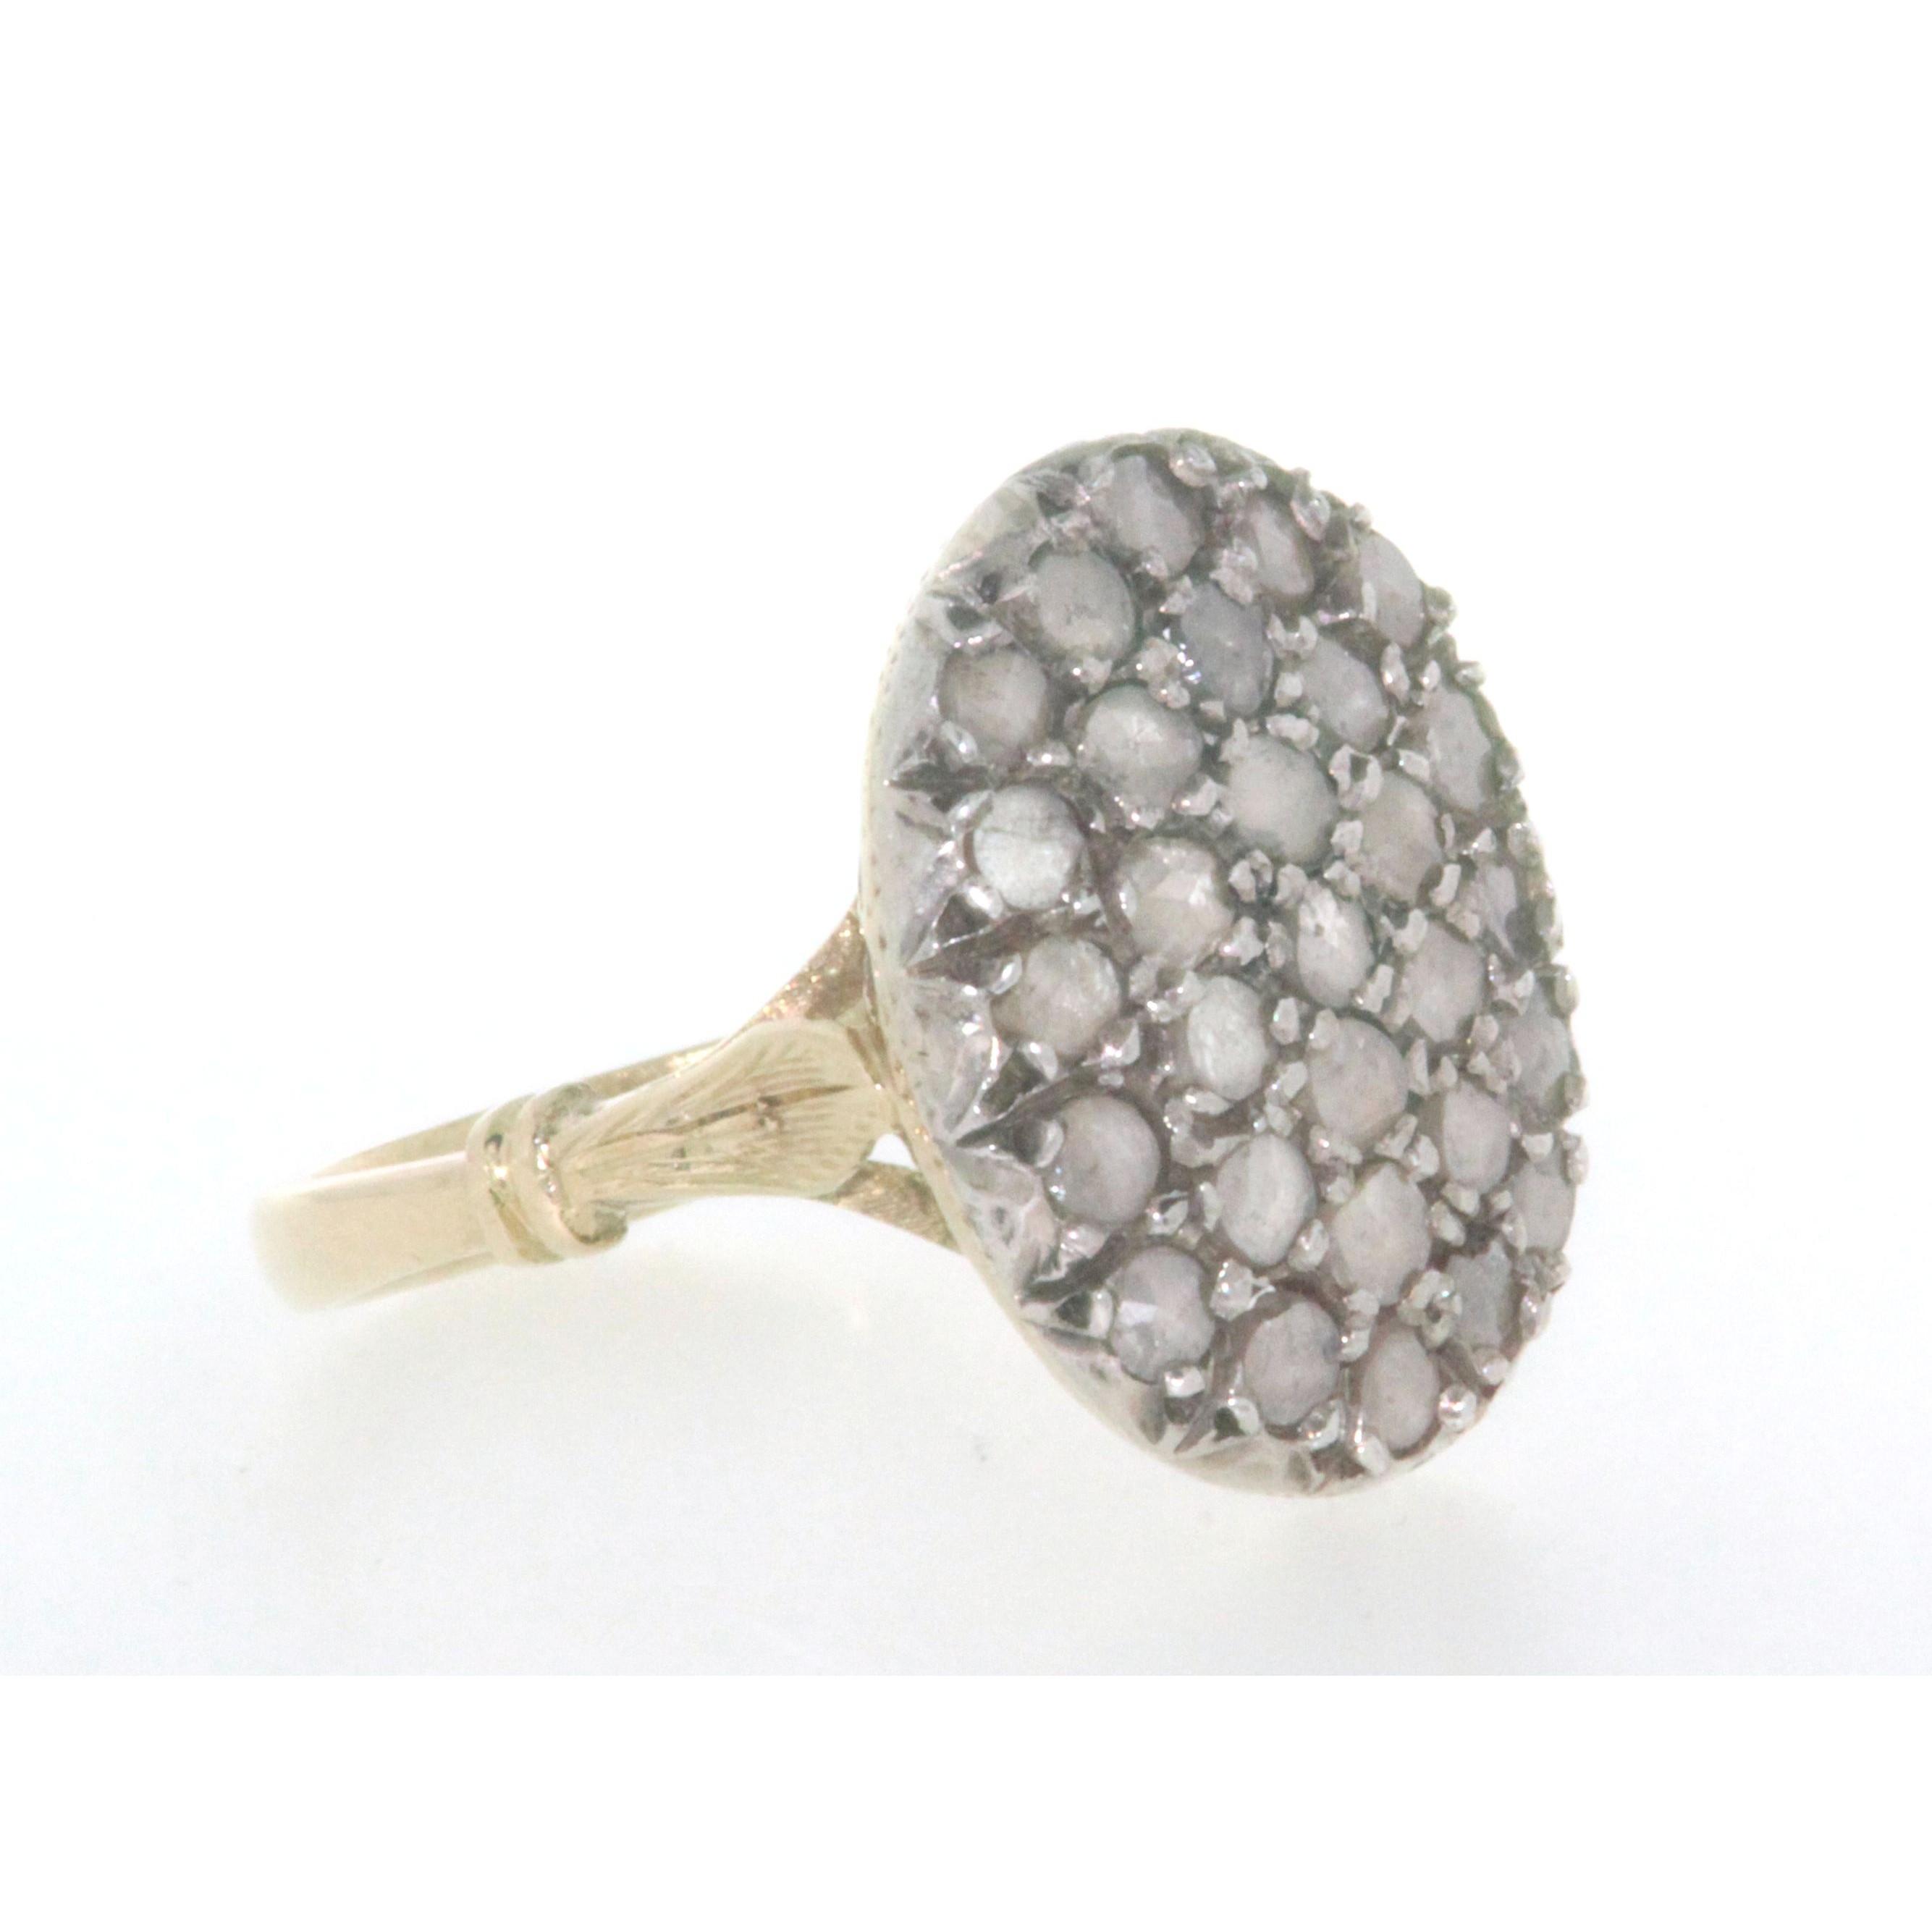 valutazione diamanti cagliari pro - photo#50